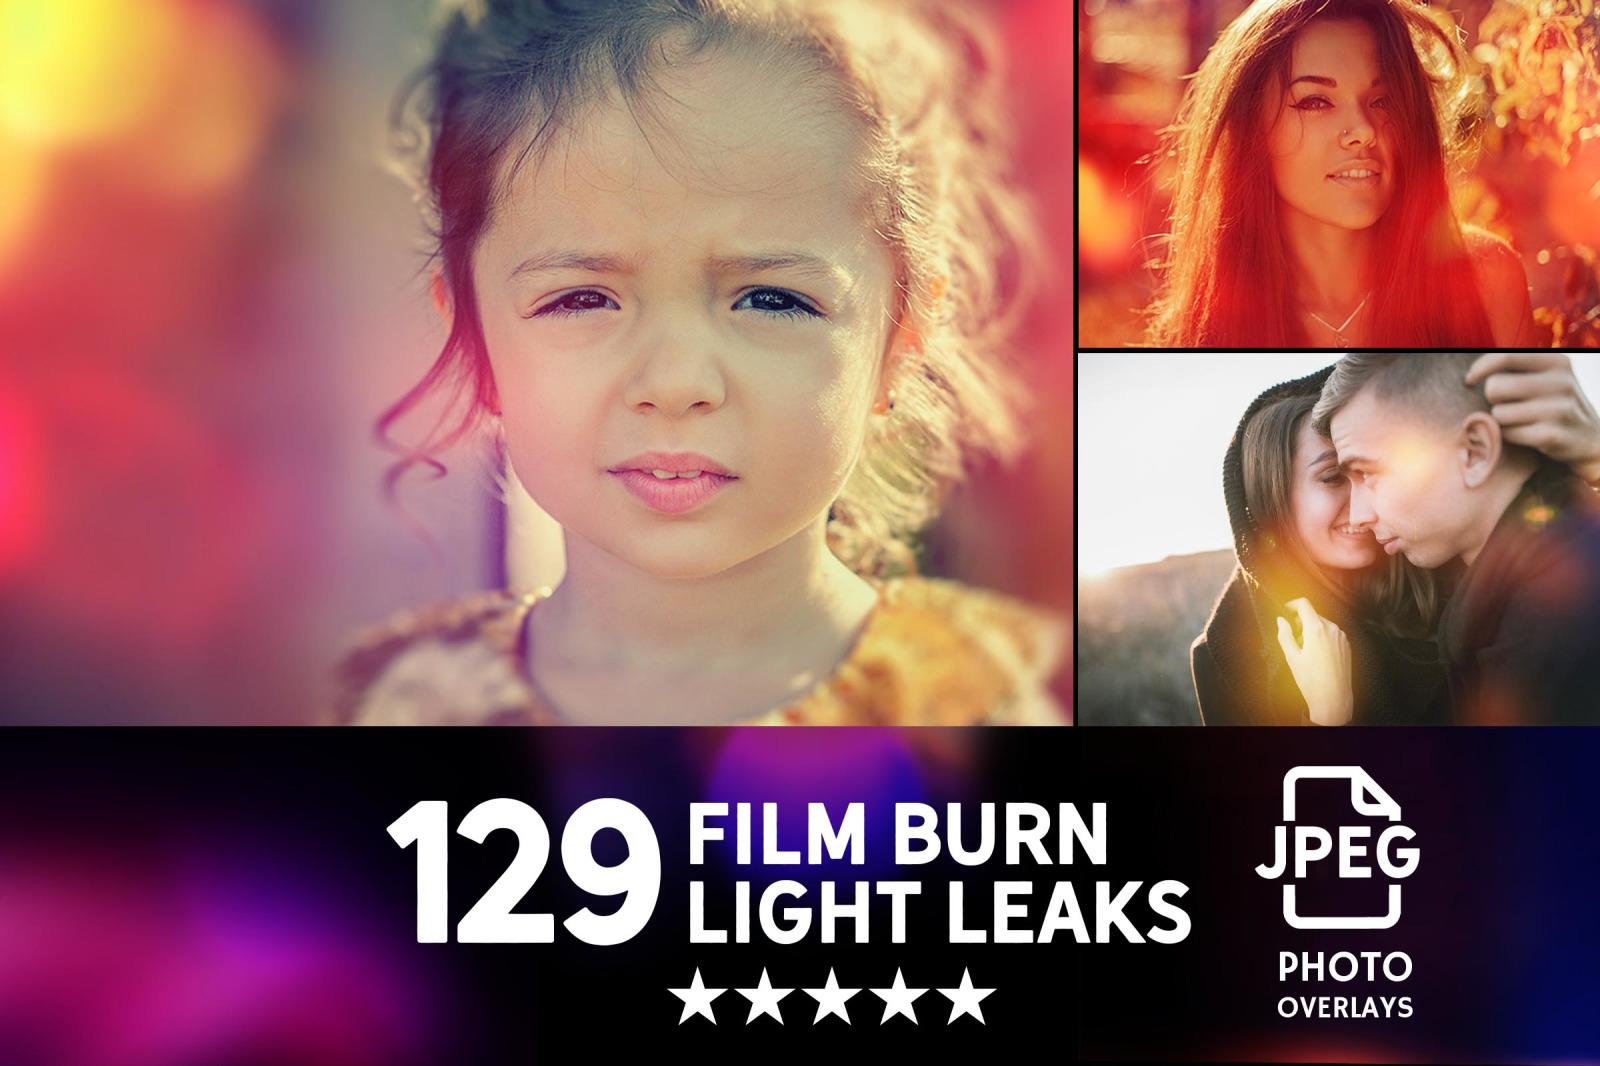 129款高清漏光照片叠加层图片素材 129 Warm Light Leaks Photo Overlays插图